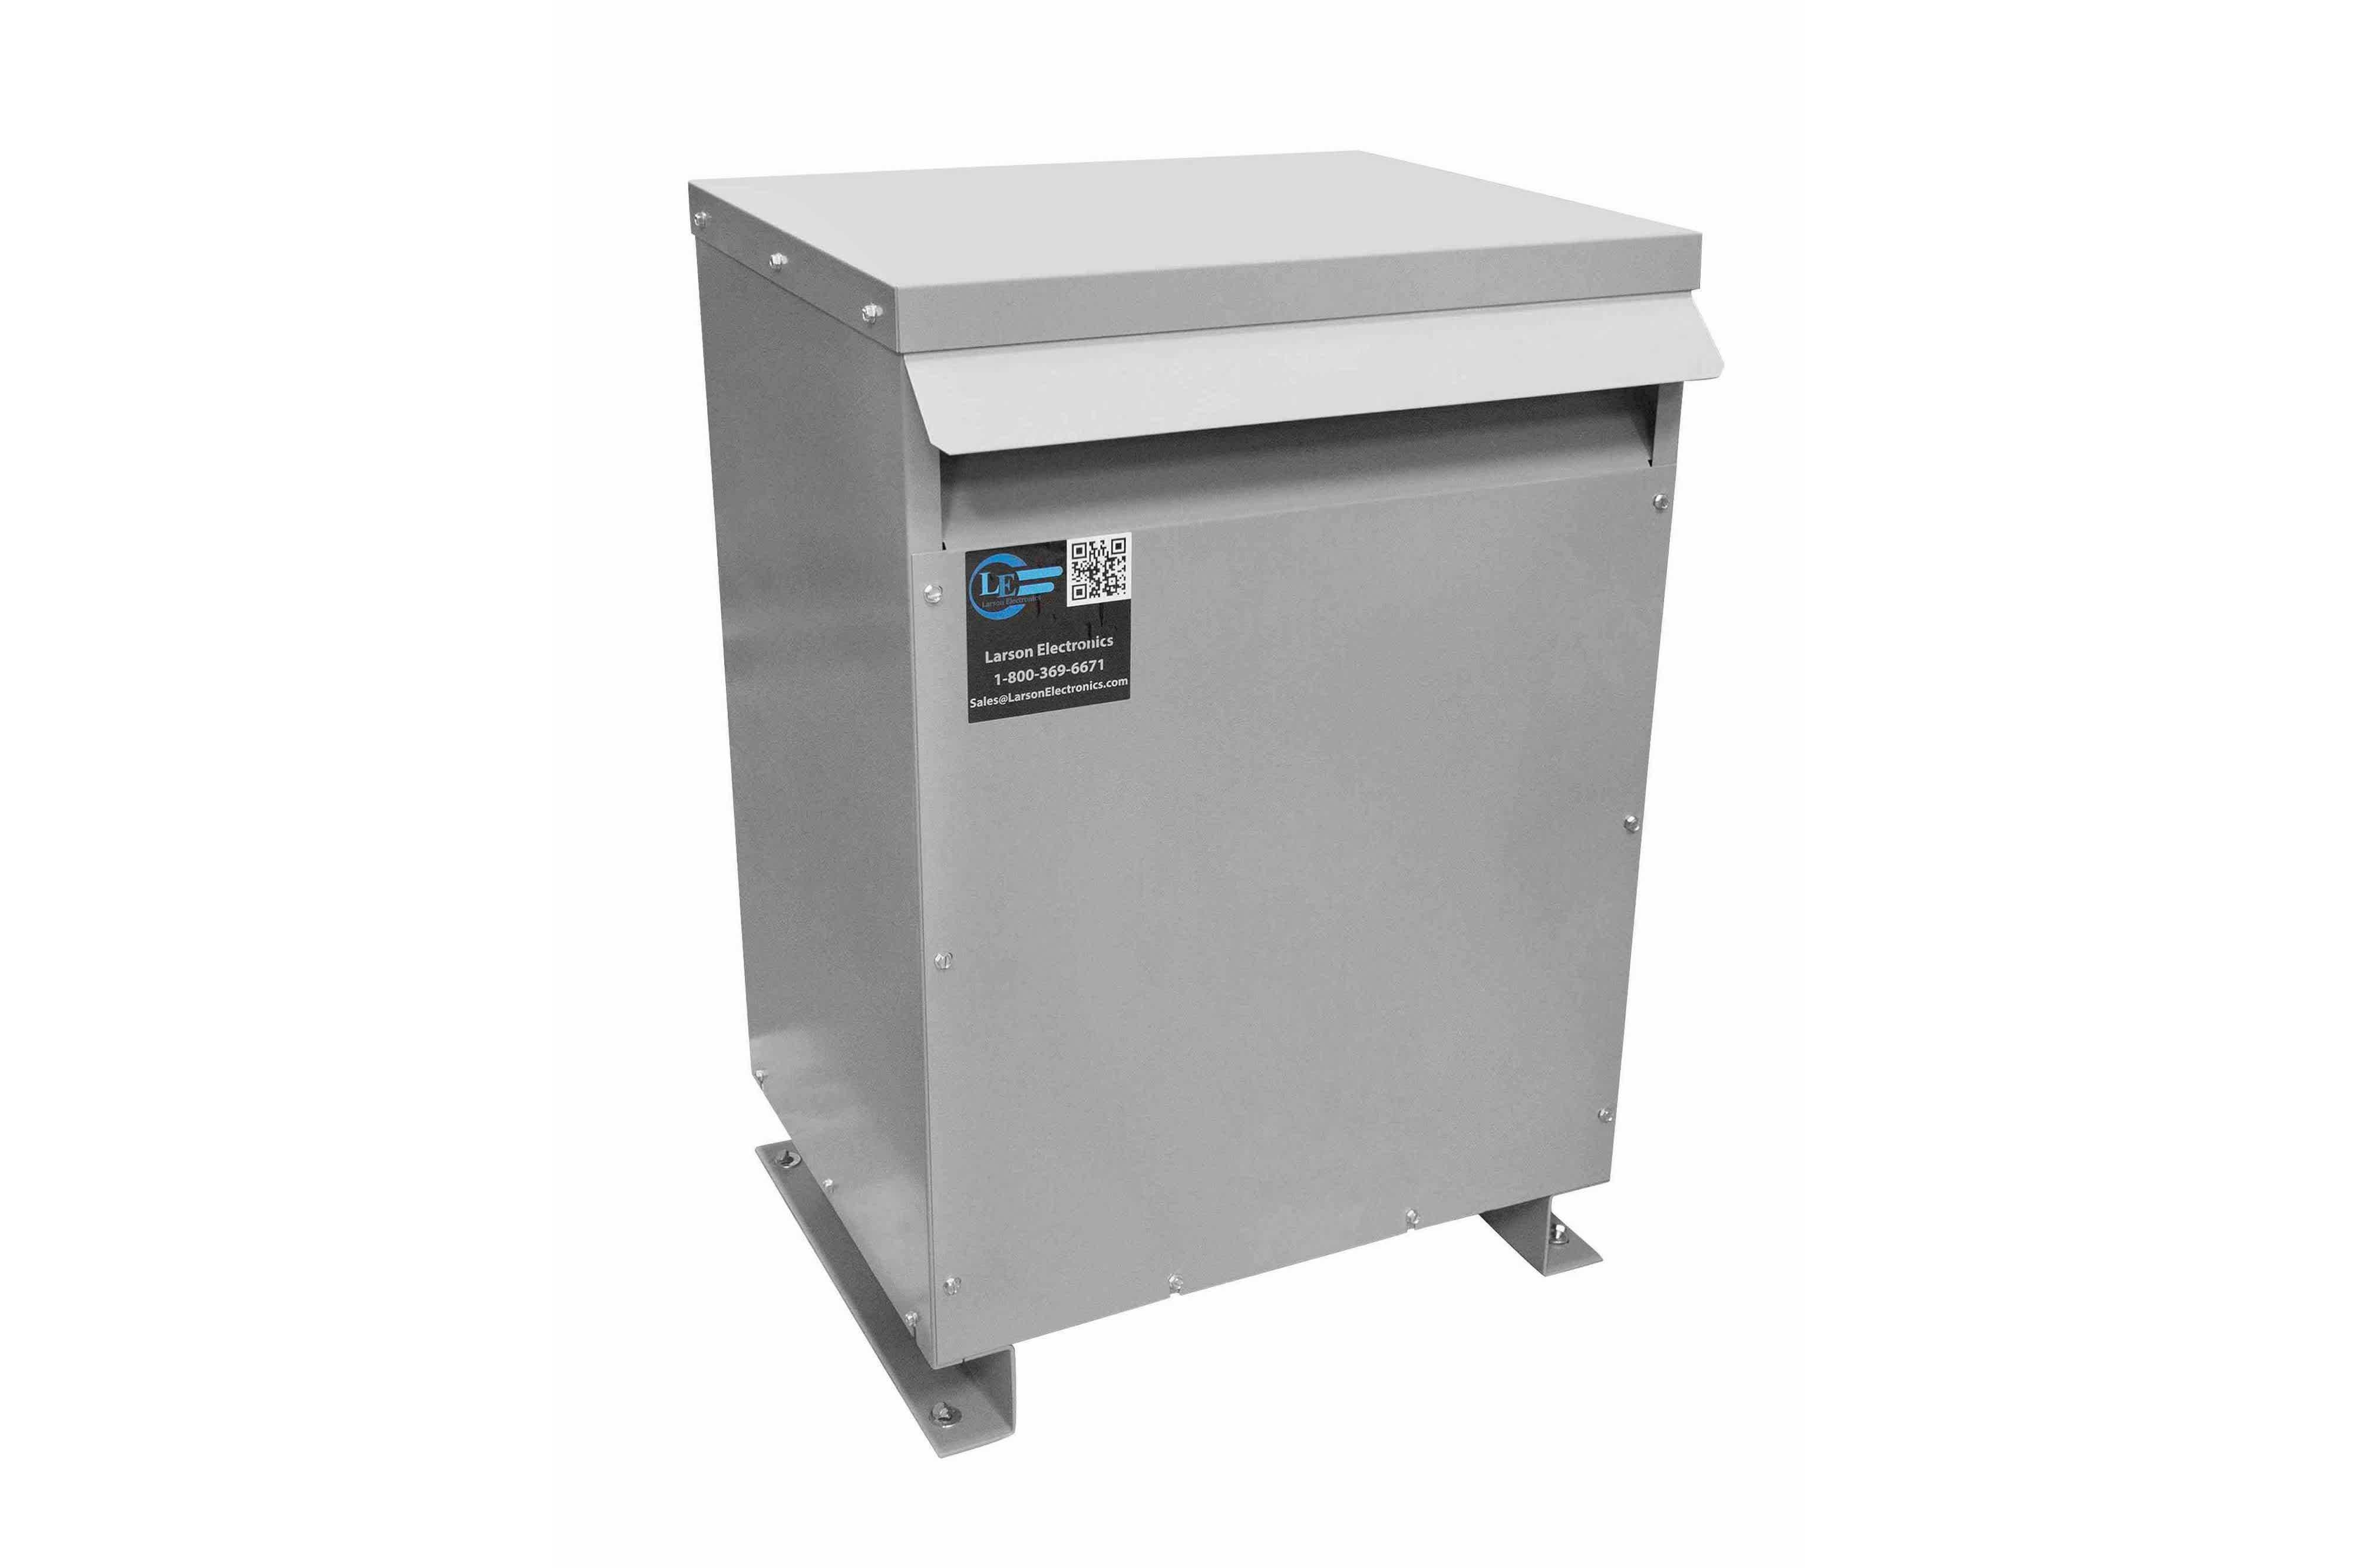 15 kVA 3PH DOE Transformer, 400V Delta Primary, 240V/120 Delta Secondary, N3R, Ventilated, 60 Hz